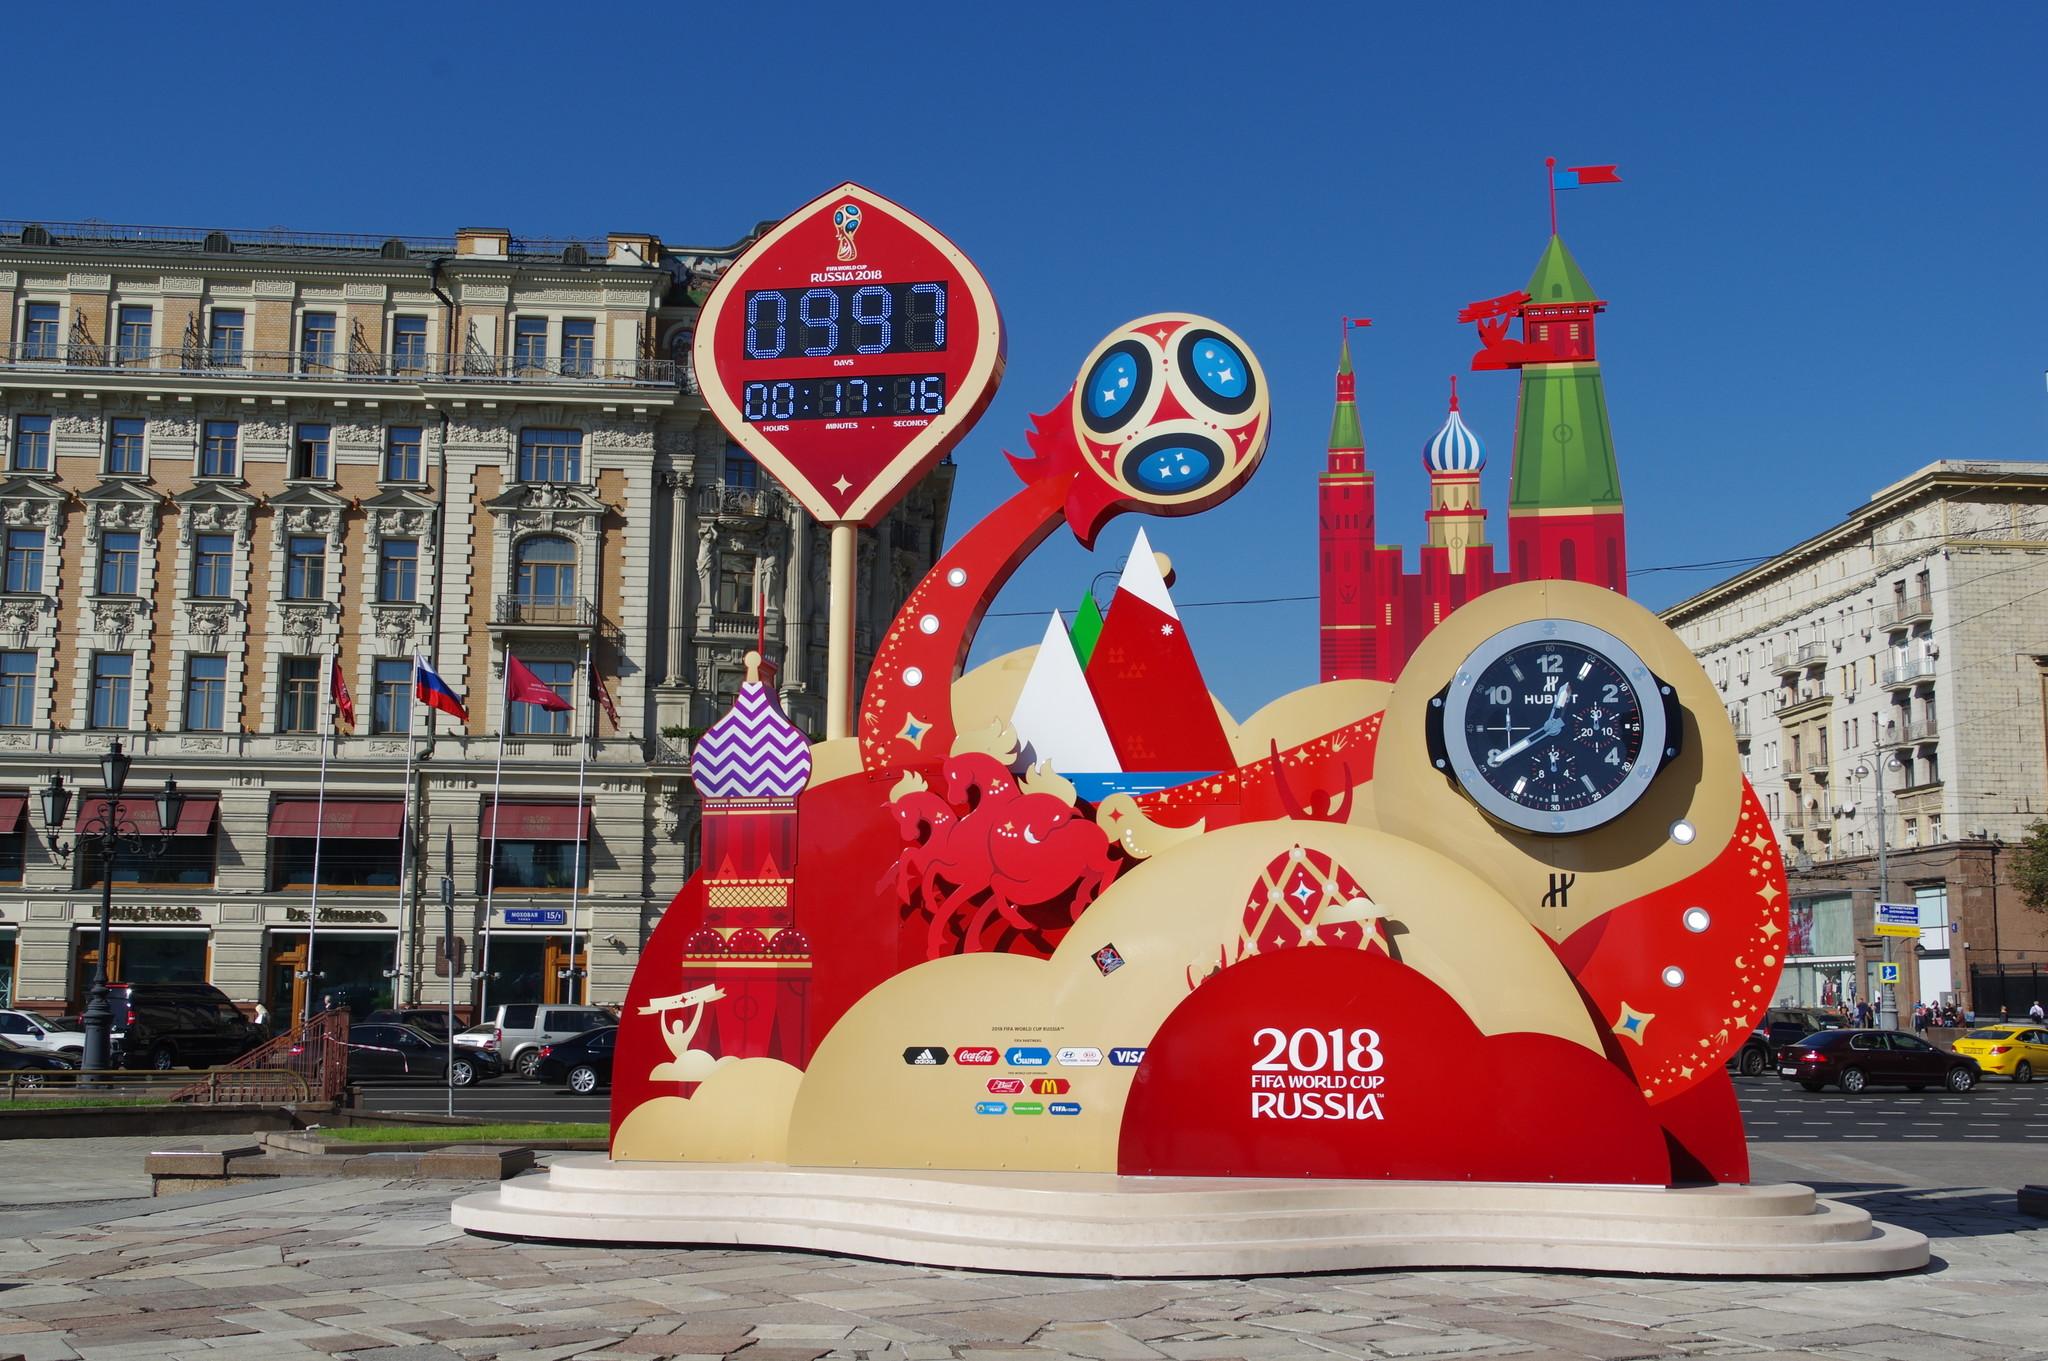 Часы обратного отсчёта до старта ЧМ-2018 на Манежной площади